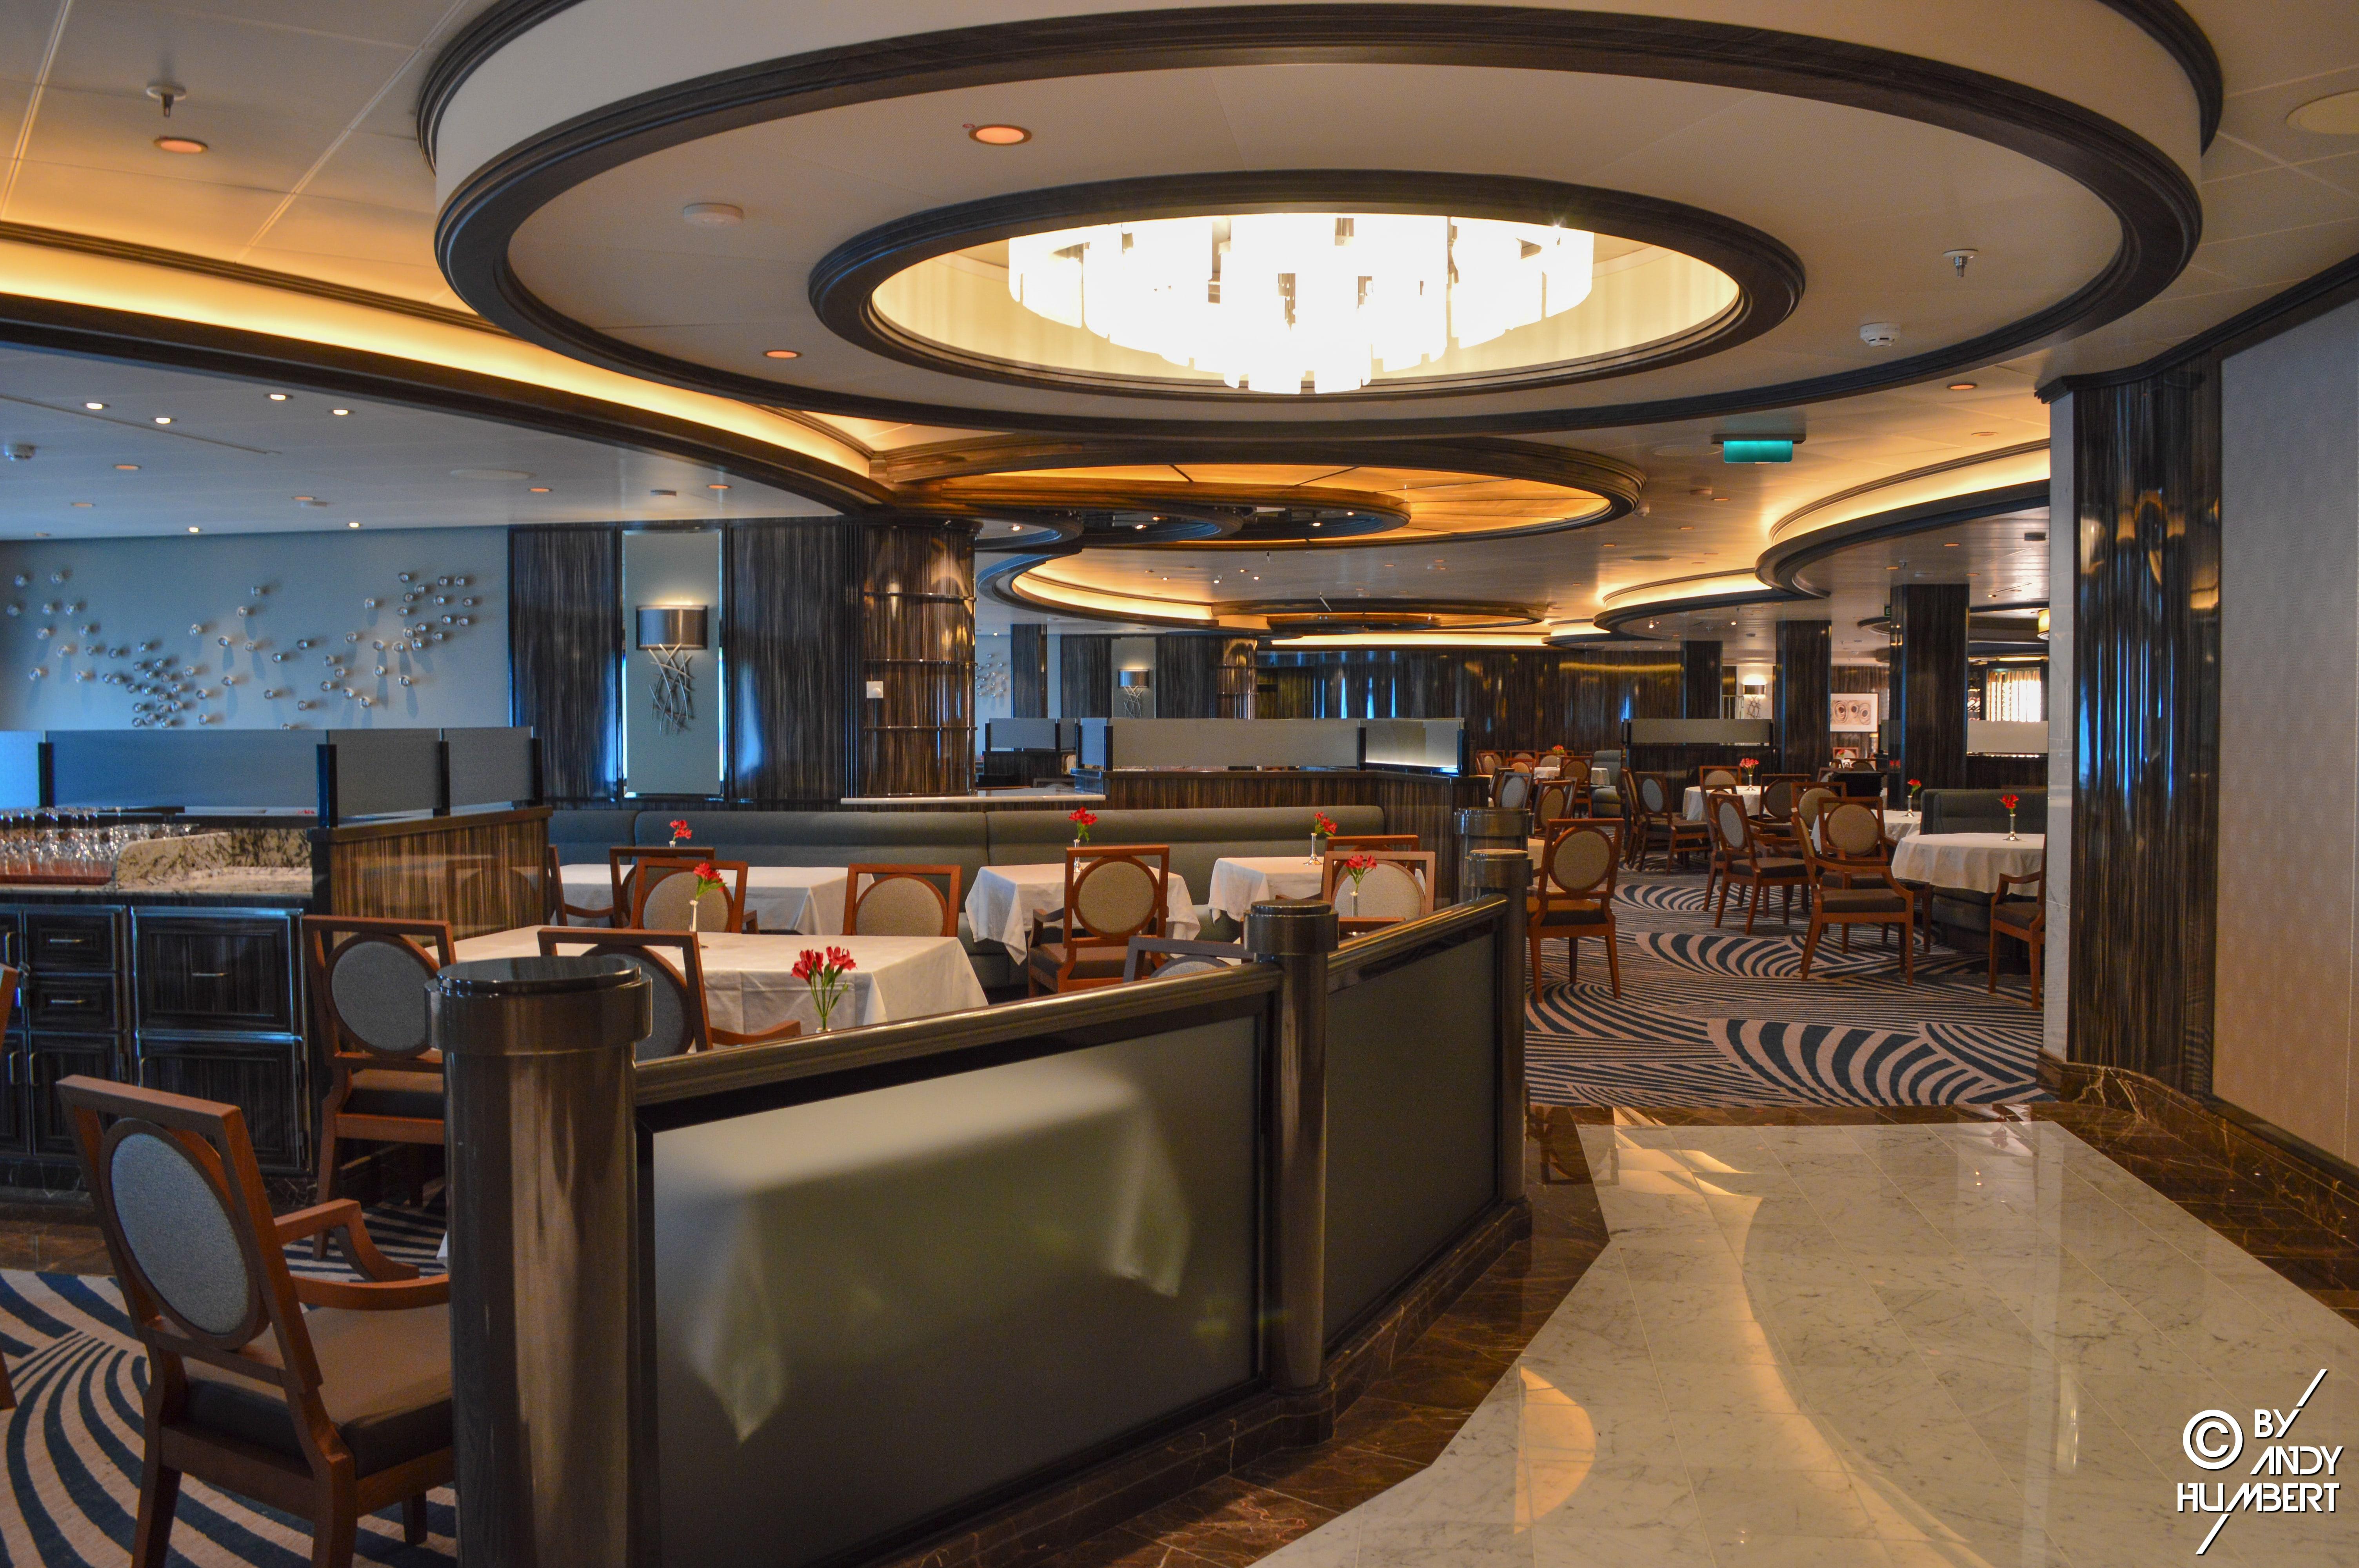 Soleil Dining Room (pont 5 Plaza)